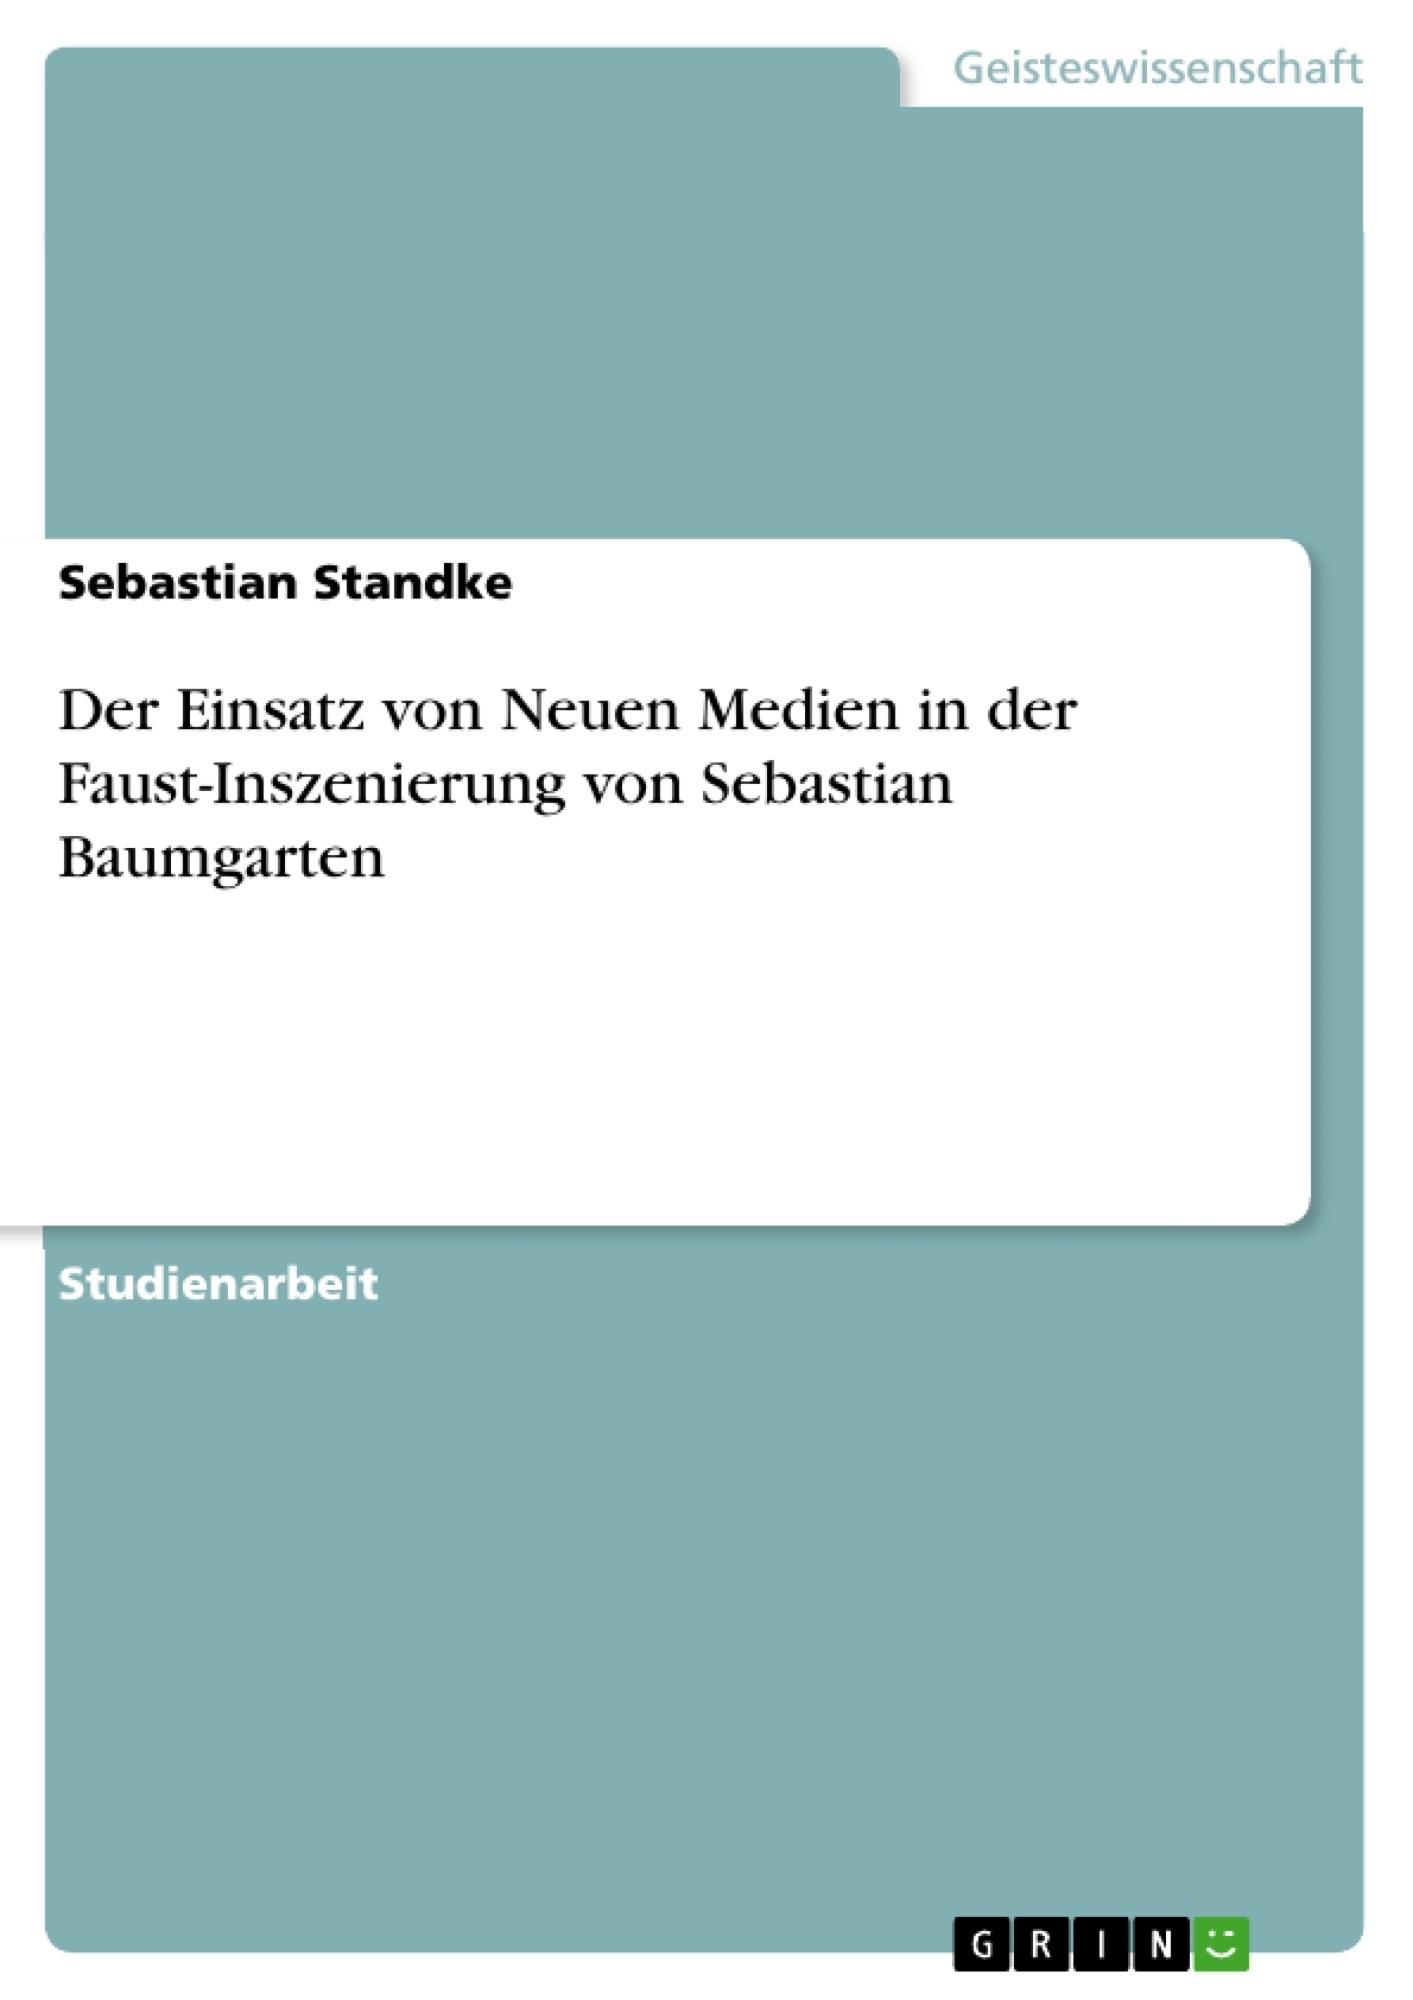 Titel: Der Einsatz von Neuen Medien in der Faust-Inszenierung von Sebastian Baumgarten